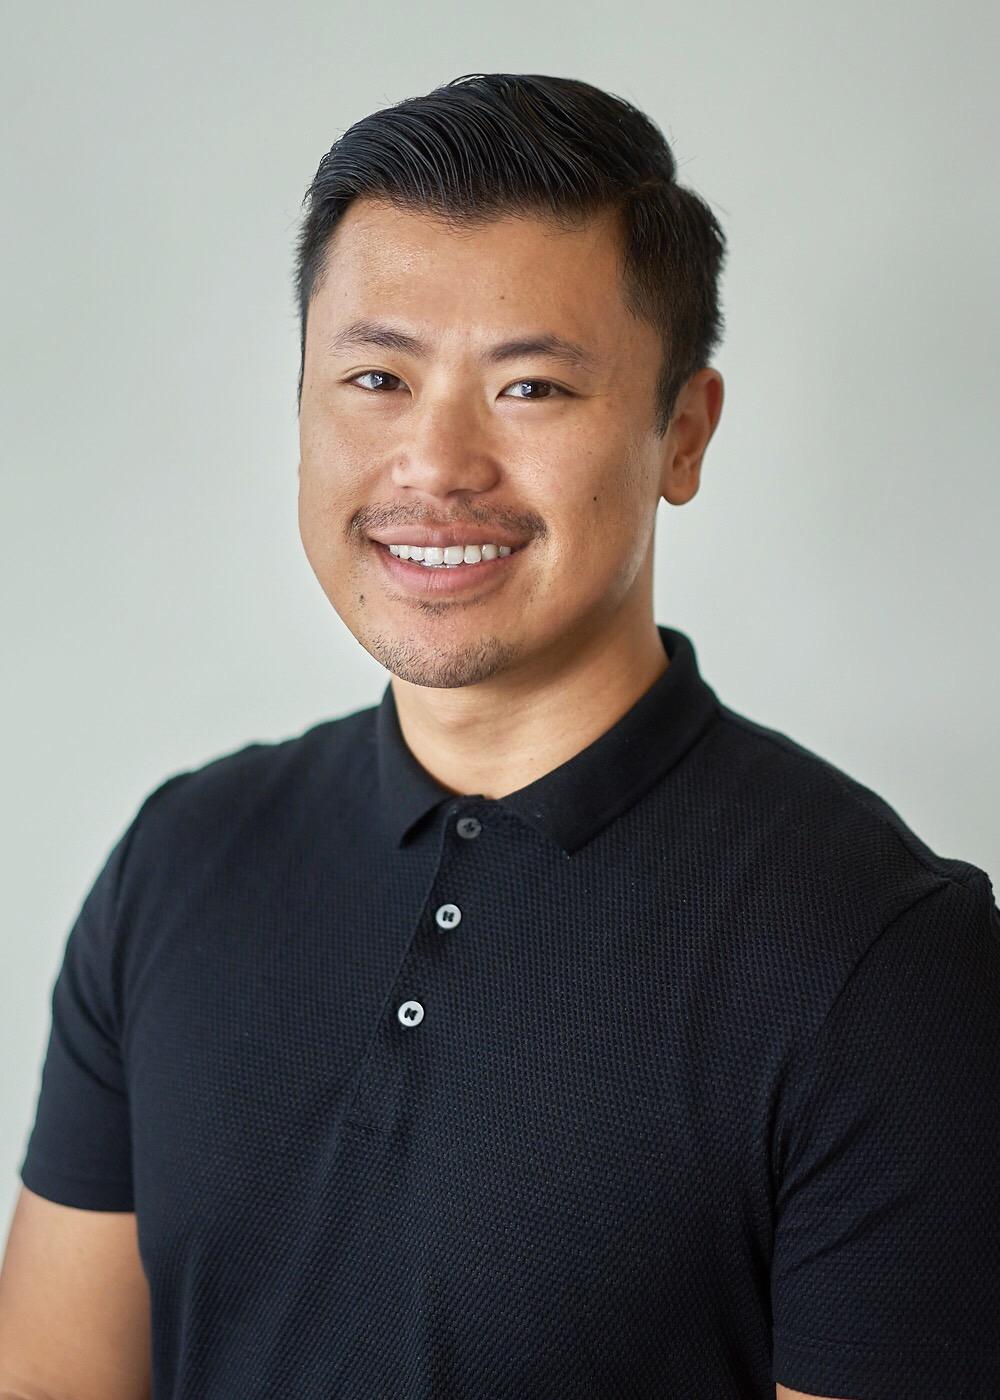 Meet RJ Tanega, the office manager at Tanega Dental in South San Francisco.